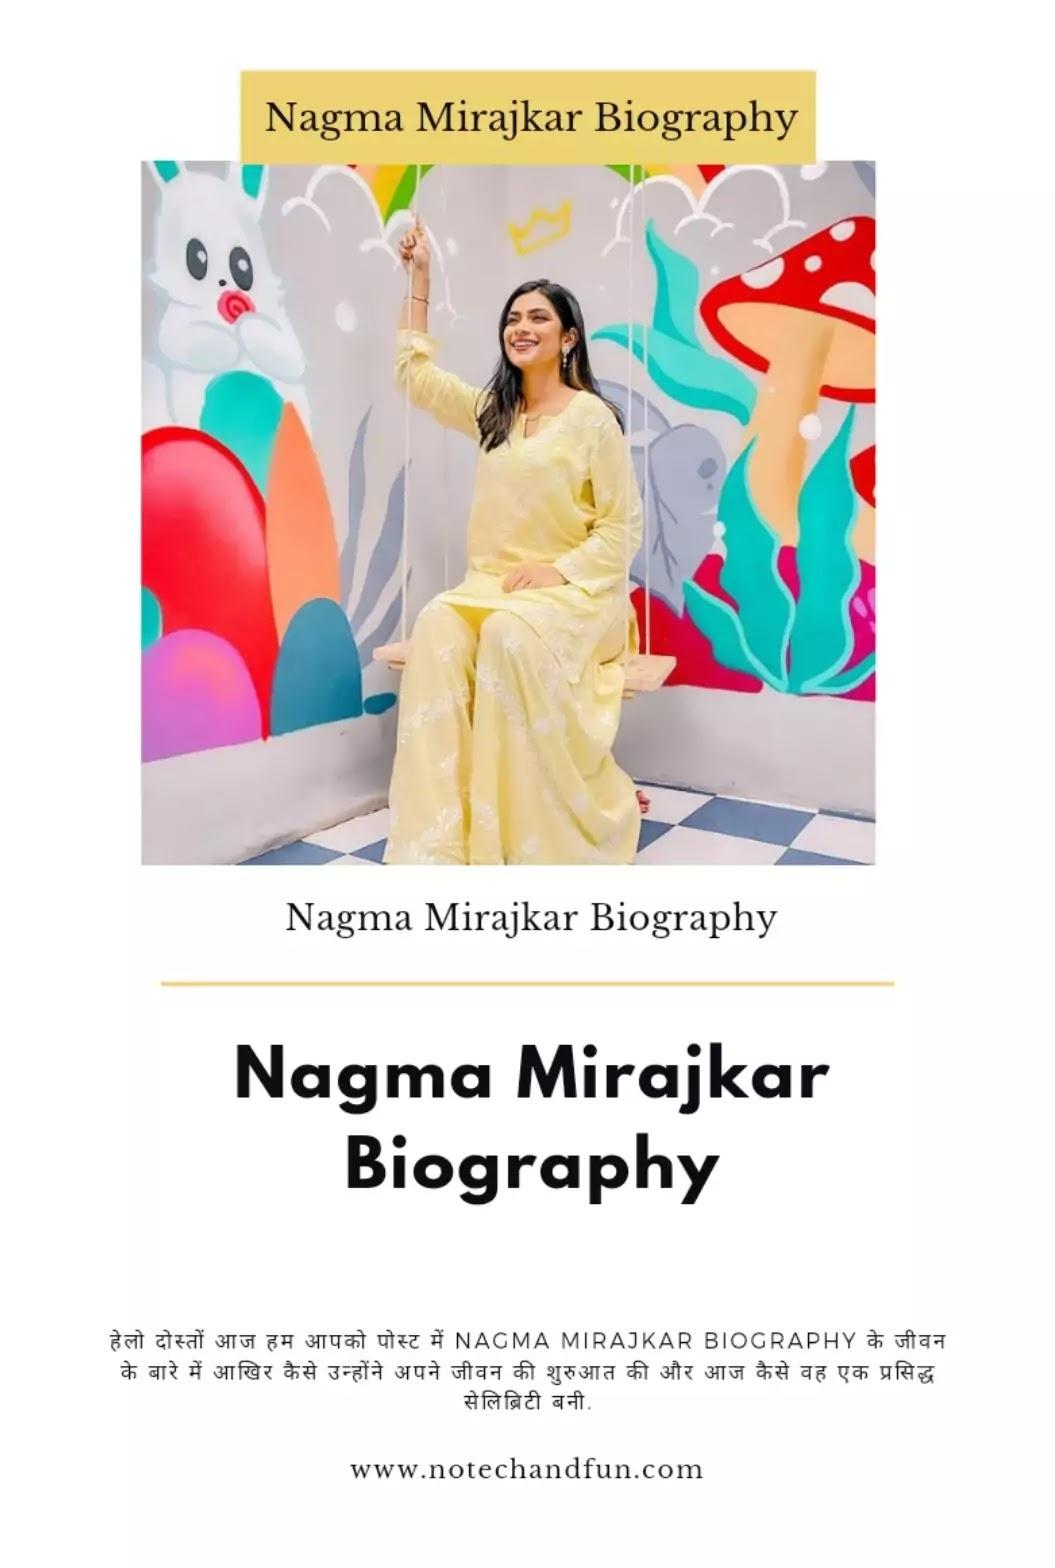 Nagma Mirajkar Biography in Hindi